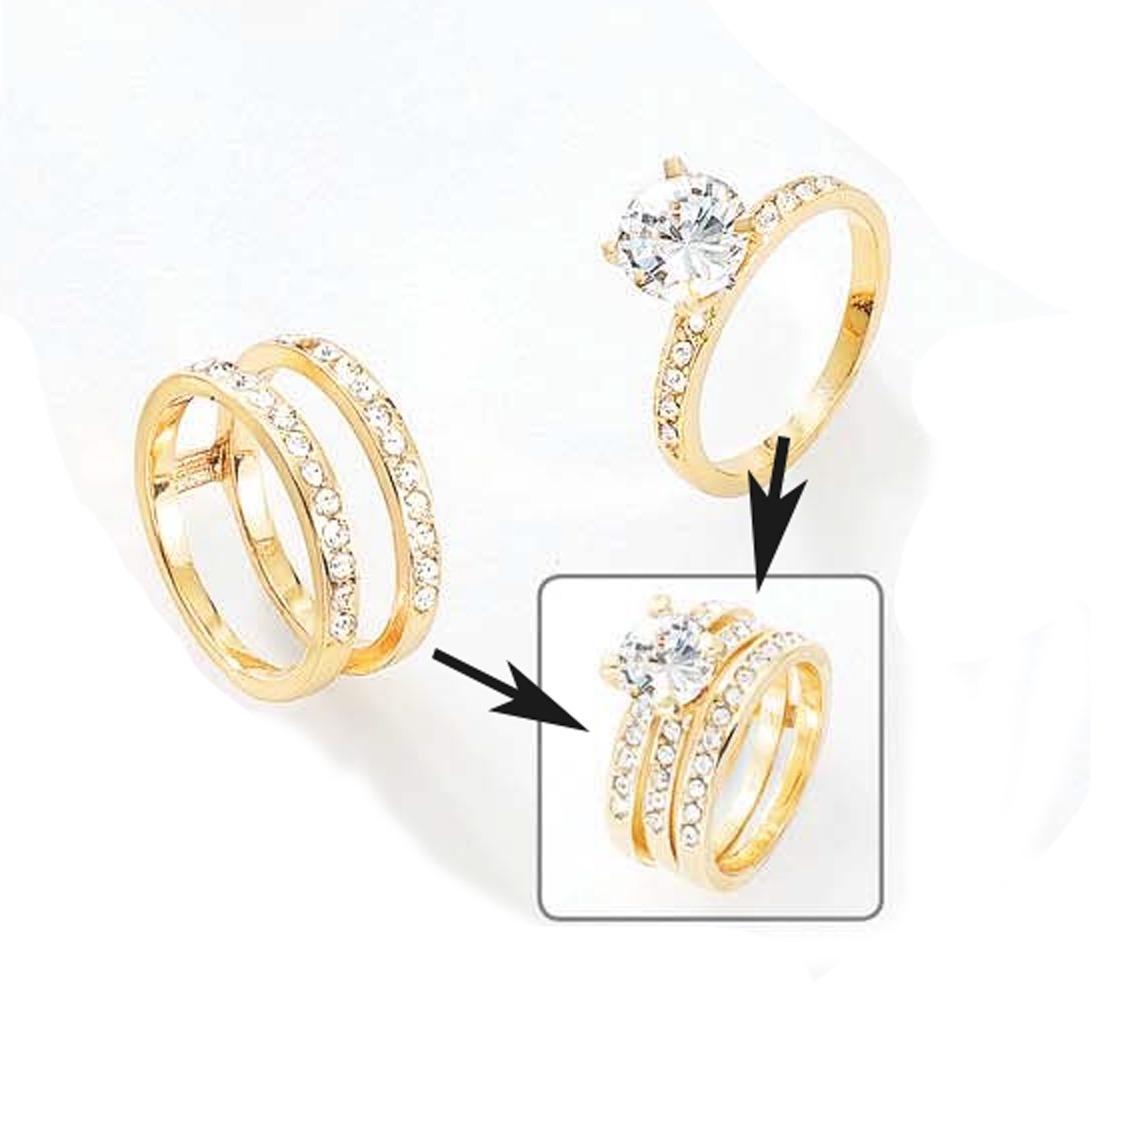 Juego anillos complementos dama ba o de oro 18k nice for Banos electroliticos para joyeria